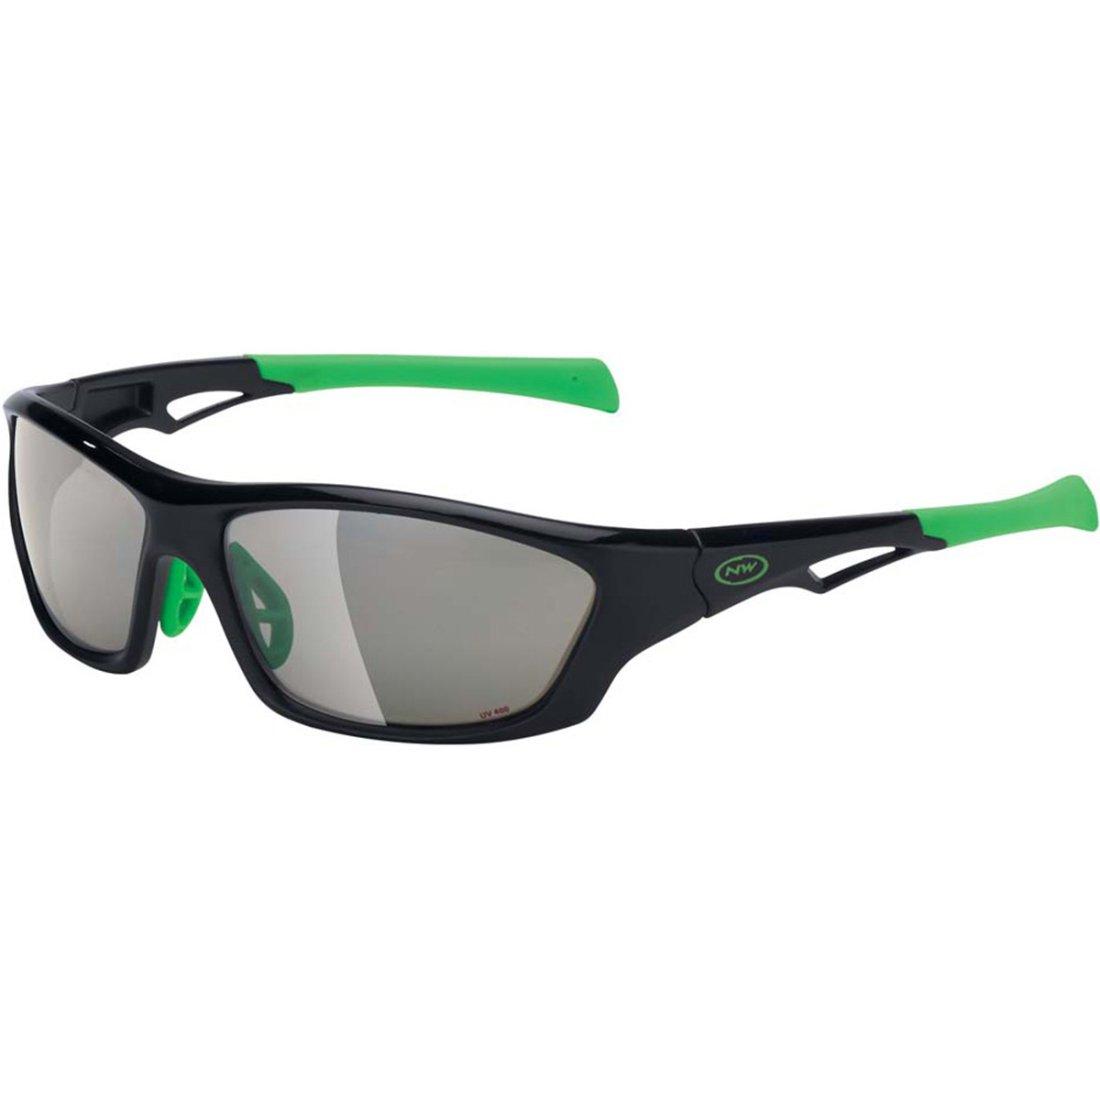 b8c98d38d73 NORTHWAVE Blaze Black   Green Mask   Goggle